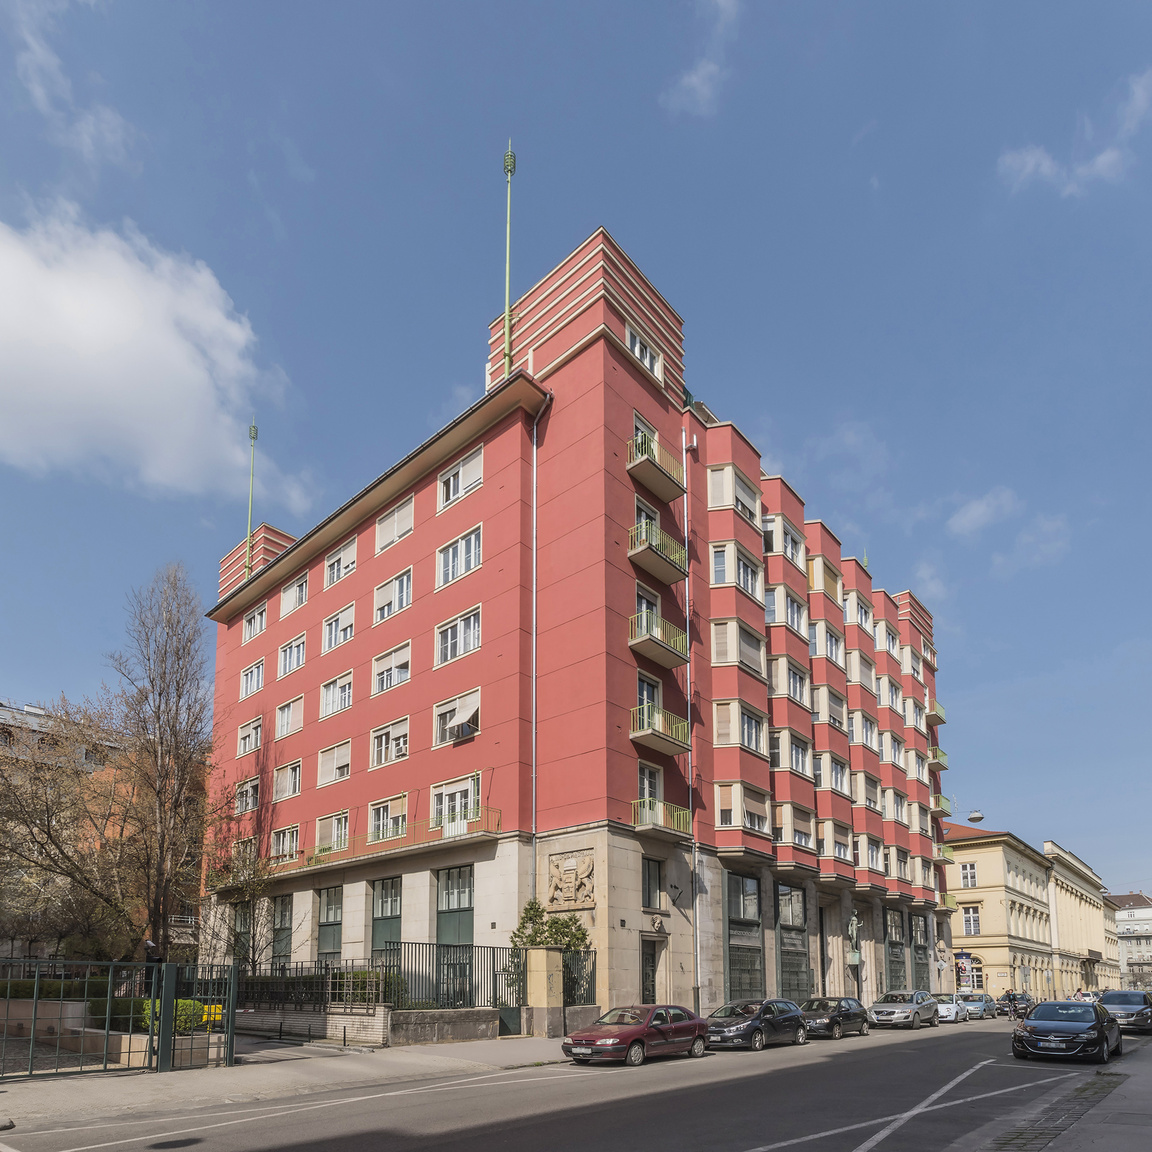 4. V. ker., Honvéd utca 22–24., lakóház, Györgyi Dénes (és Román Ernő), 1926–1930                         A székesfőváros 1926-ban tervpályázatot hirdetett az Elektromos Művek Honvéd utcai bérházára és egy ahhoz kapcsolódó Markó utcai transzformátorházra, amit Román Ernő nyert meg; ám Györgyi Dénes terveit a bizottság alkalmasabbnak találta, így az építészeket közös terv elkészítésére kérték fel. A Honvéd utcai homlokzatot Párizsra emlékeztető zárterkélyek tagolják, a négy saroktornyot vízszintes sávok díszítik. Az épület földszintjén a két-két szoborfej a városvédő Neptunuszt és az épületvédő Medúszát ábrázolja; a bérház bejáratánál az elektromosság allegorikus, kezeiben villámokat tartó szobra található.